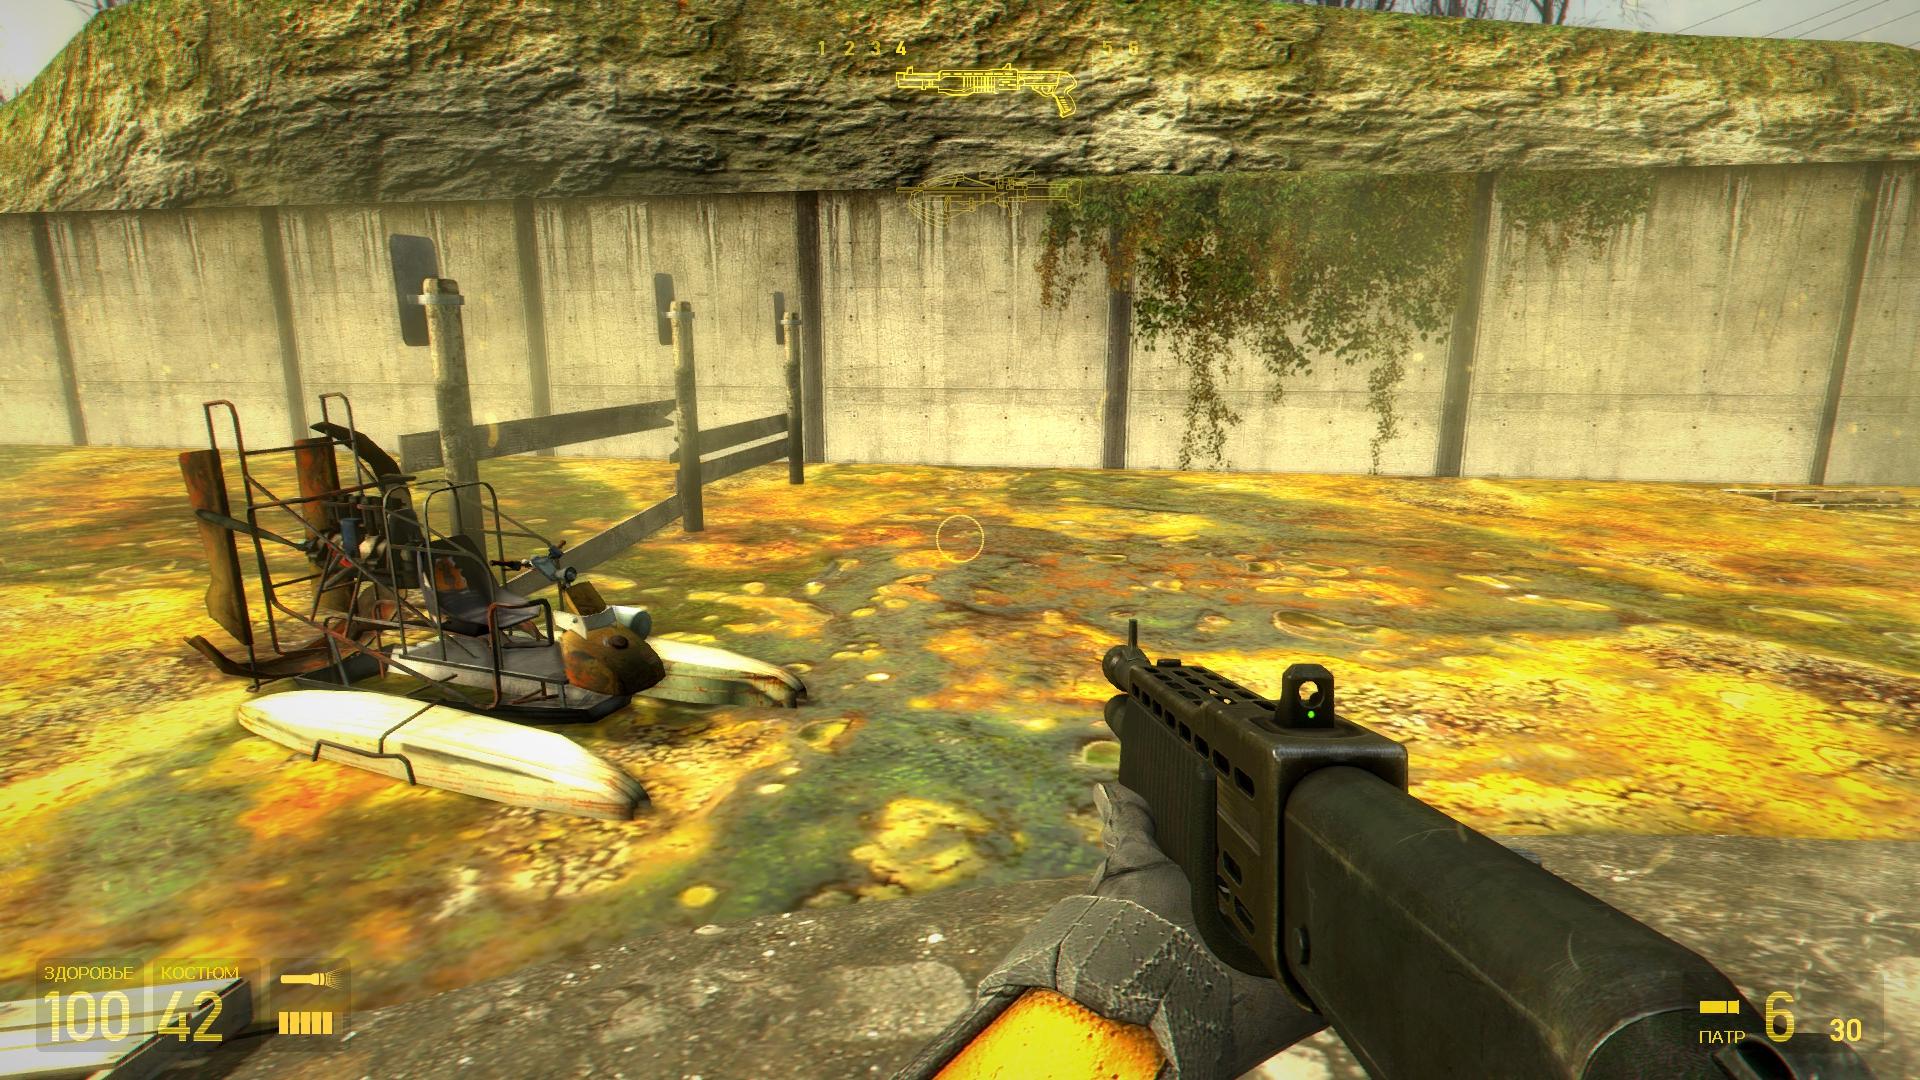 d1_canals_060001.jpg - Half-Life 2